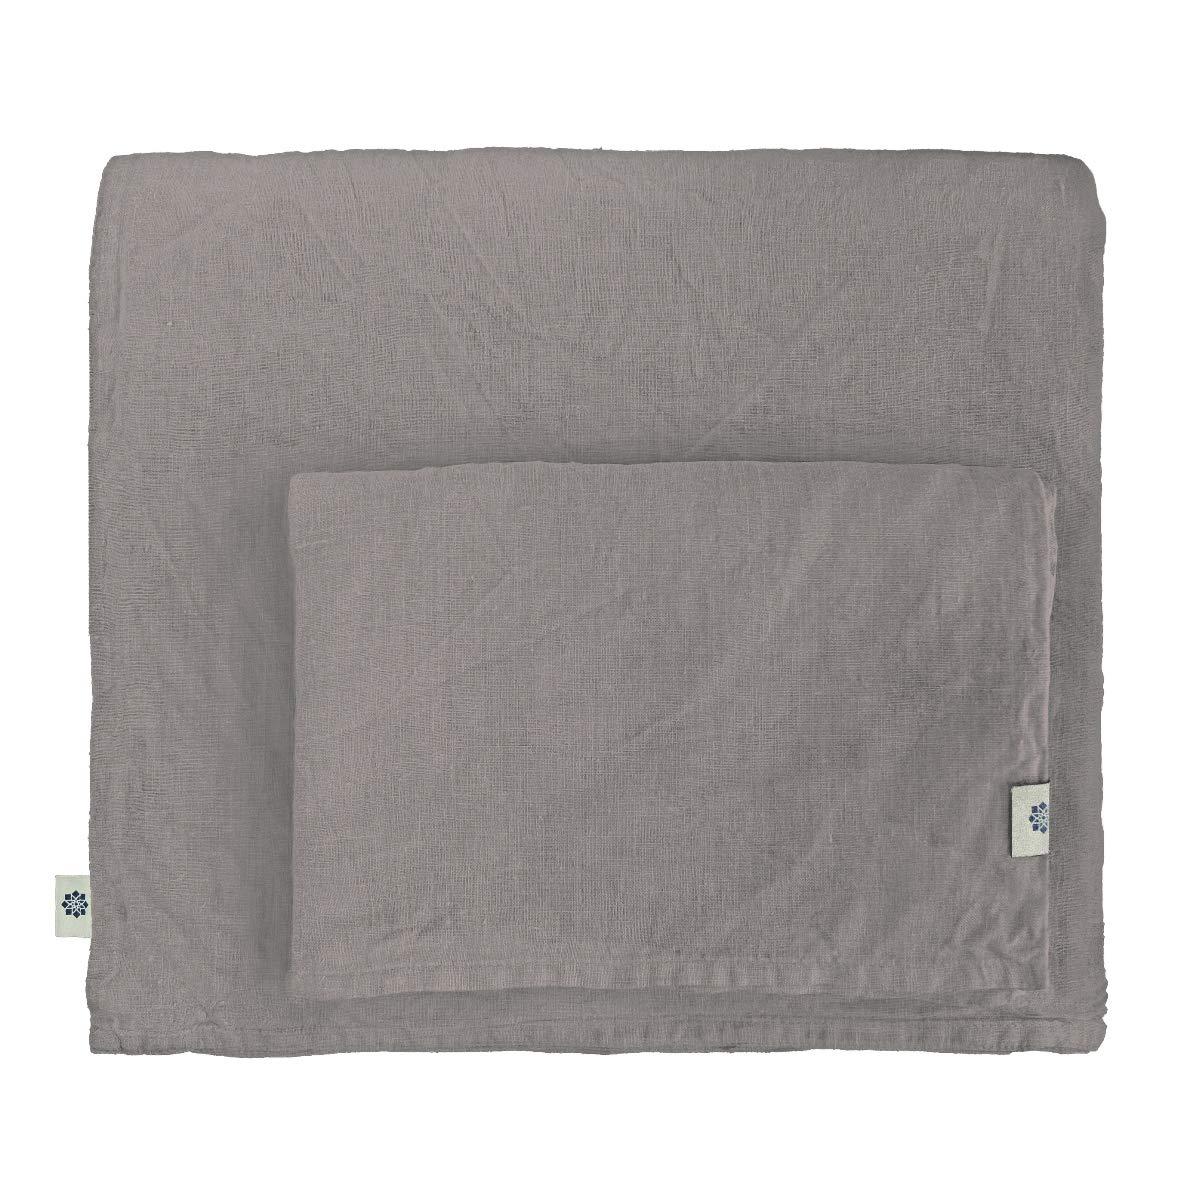 Linen & Cotton Stonewashed Leinen Bettwäsche, Bettwäsche Set Alicia - 100% Leinen, 220 x 230cm (KingGröße), Taupe